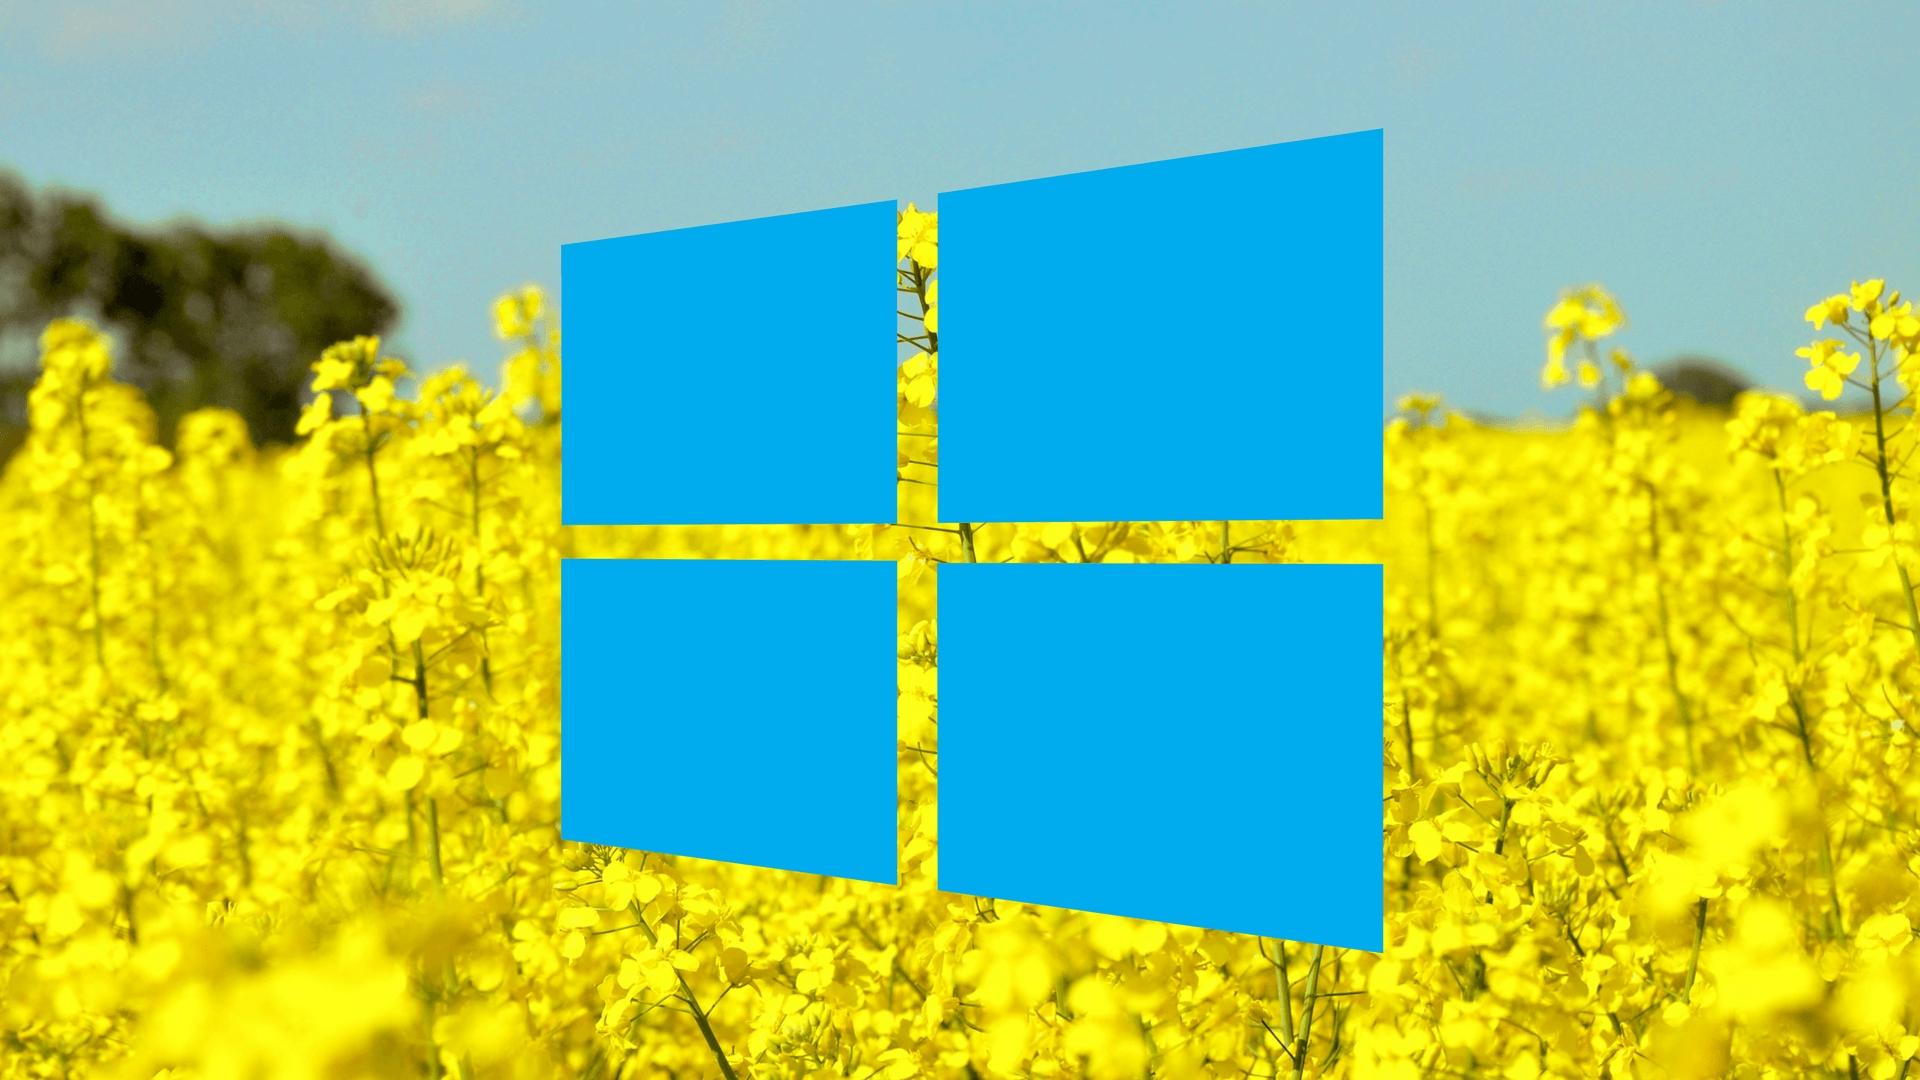 Letní slevová kalamita: Windows 10 Pro a Office 2016 Pro jen za 293 a 792 Kč! [sponzorovaný článek]